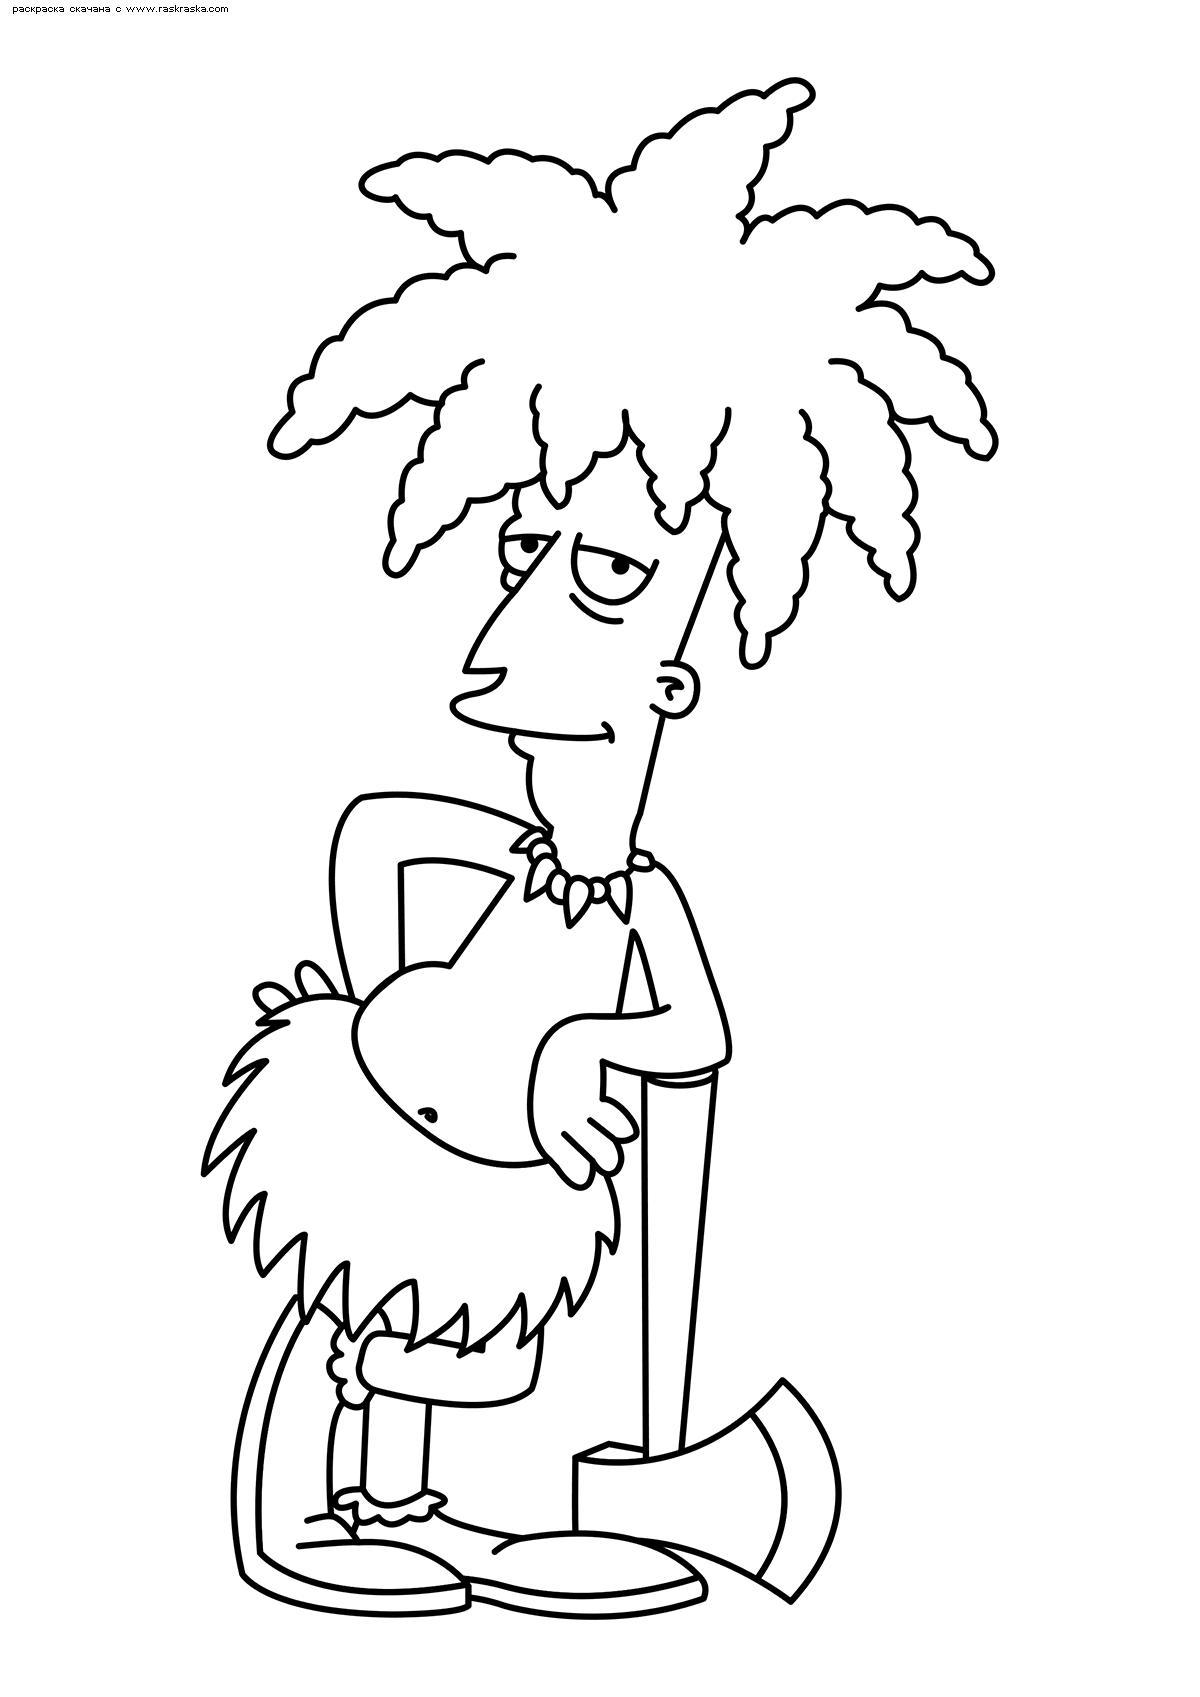 Раскраска Заклятый враг Барта – Сайдшоу Боб. Раскраска Симпсоны